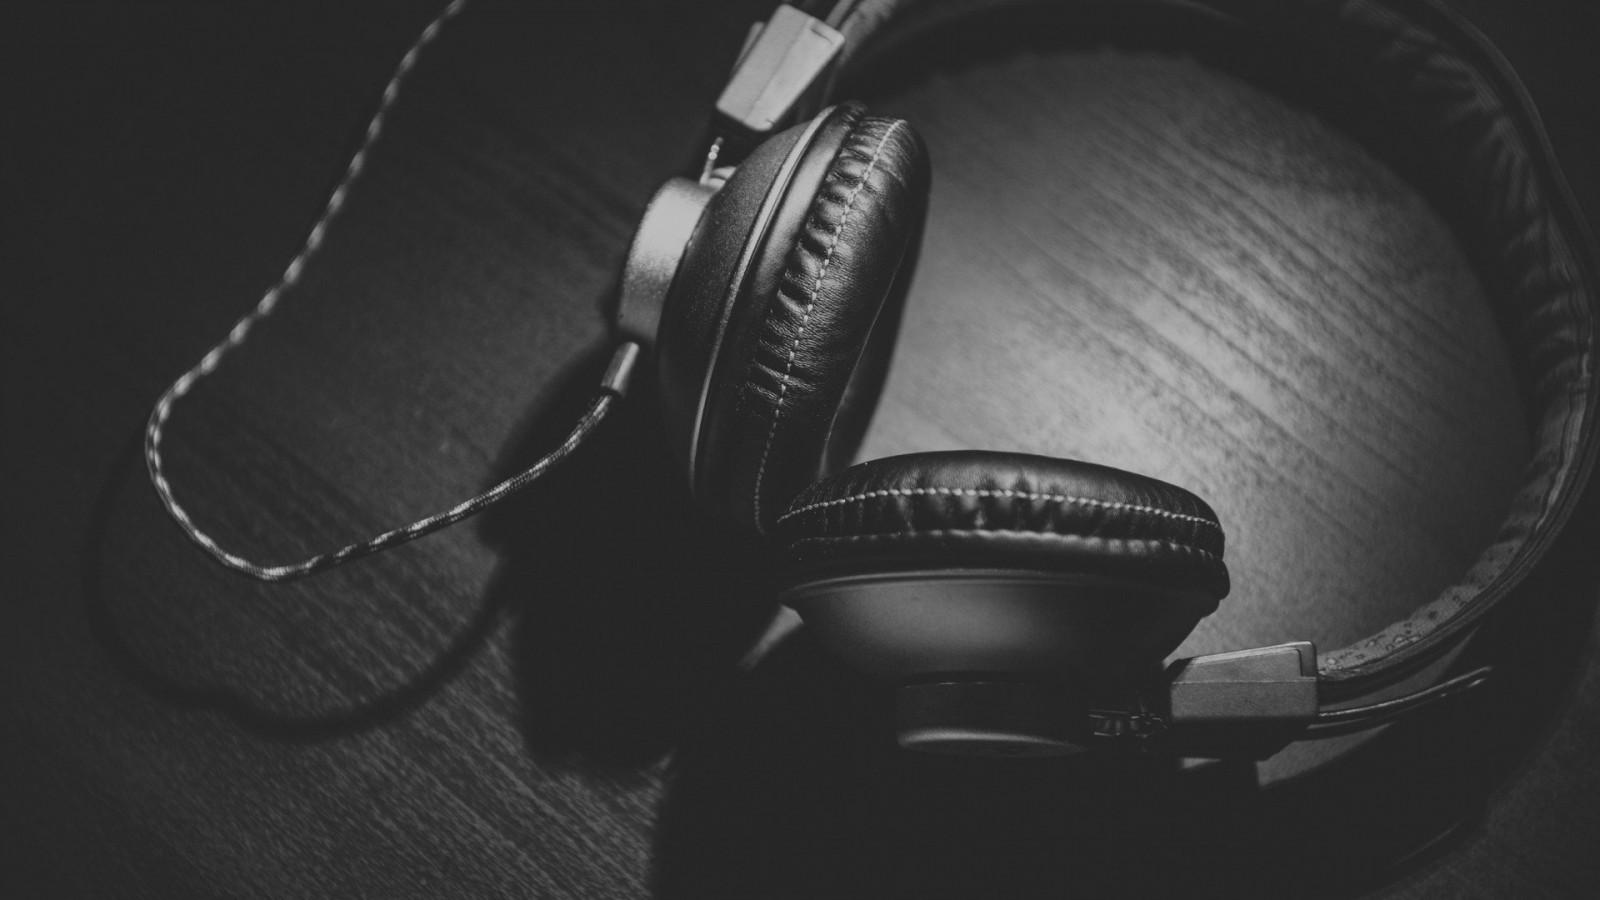 Microsoft solucionará los problemas críticos de Windows 10 con el audio en Chrome y YouTube